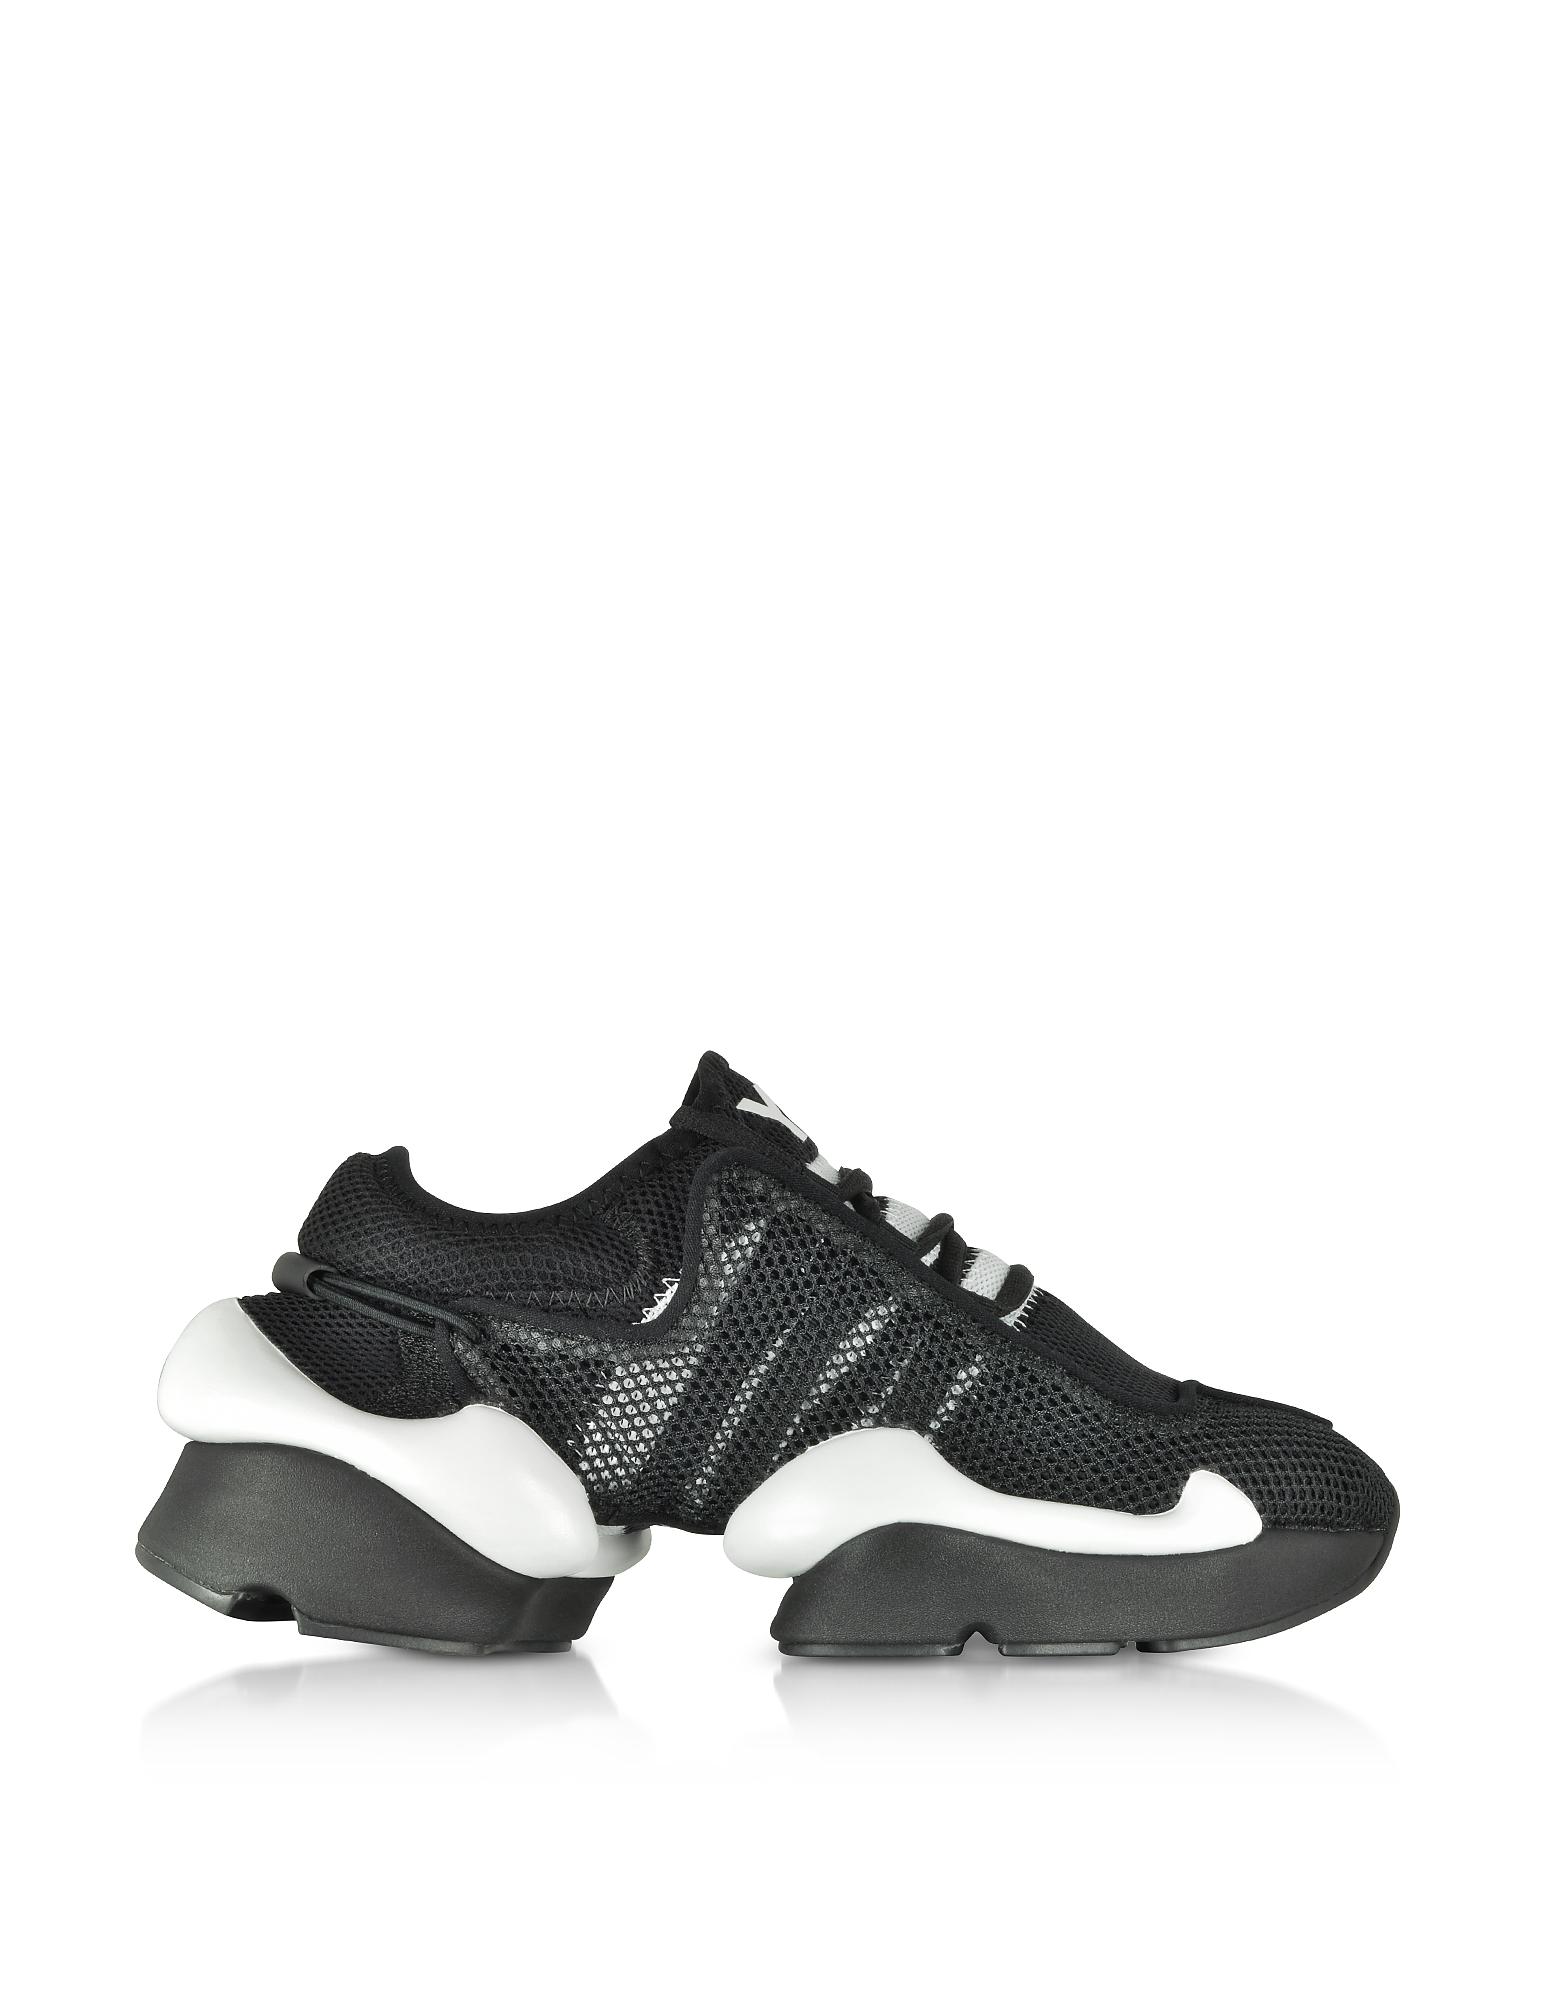 Y-3 Black Raito Racer Sneakers